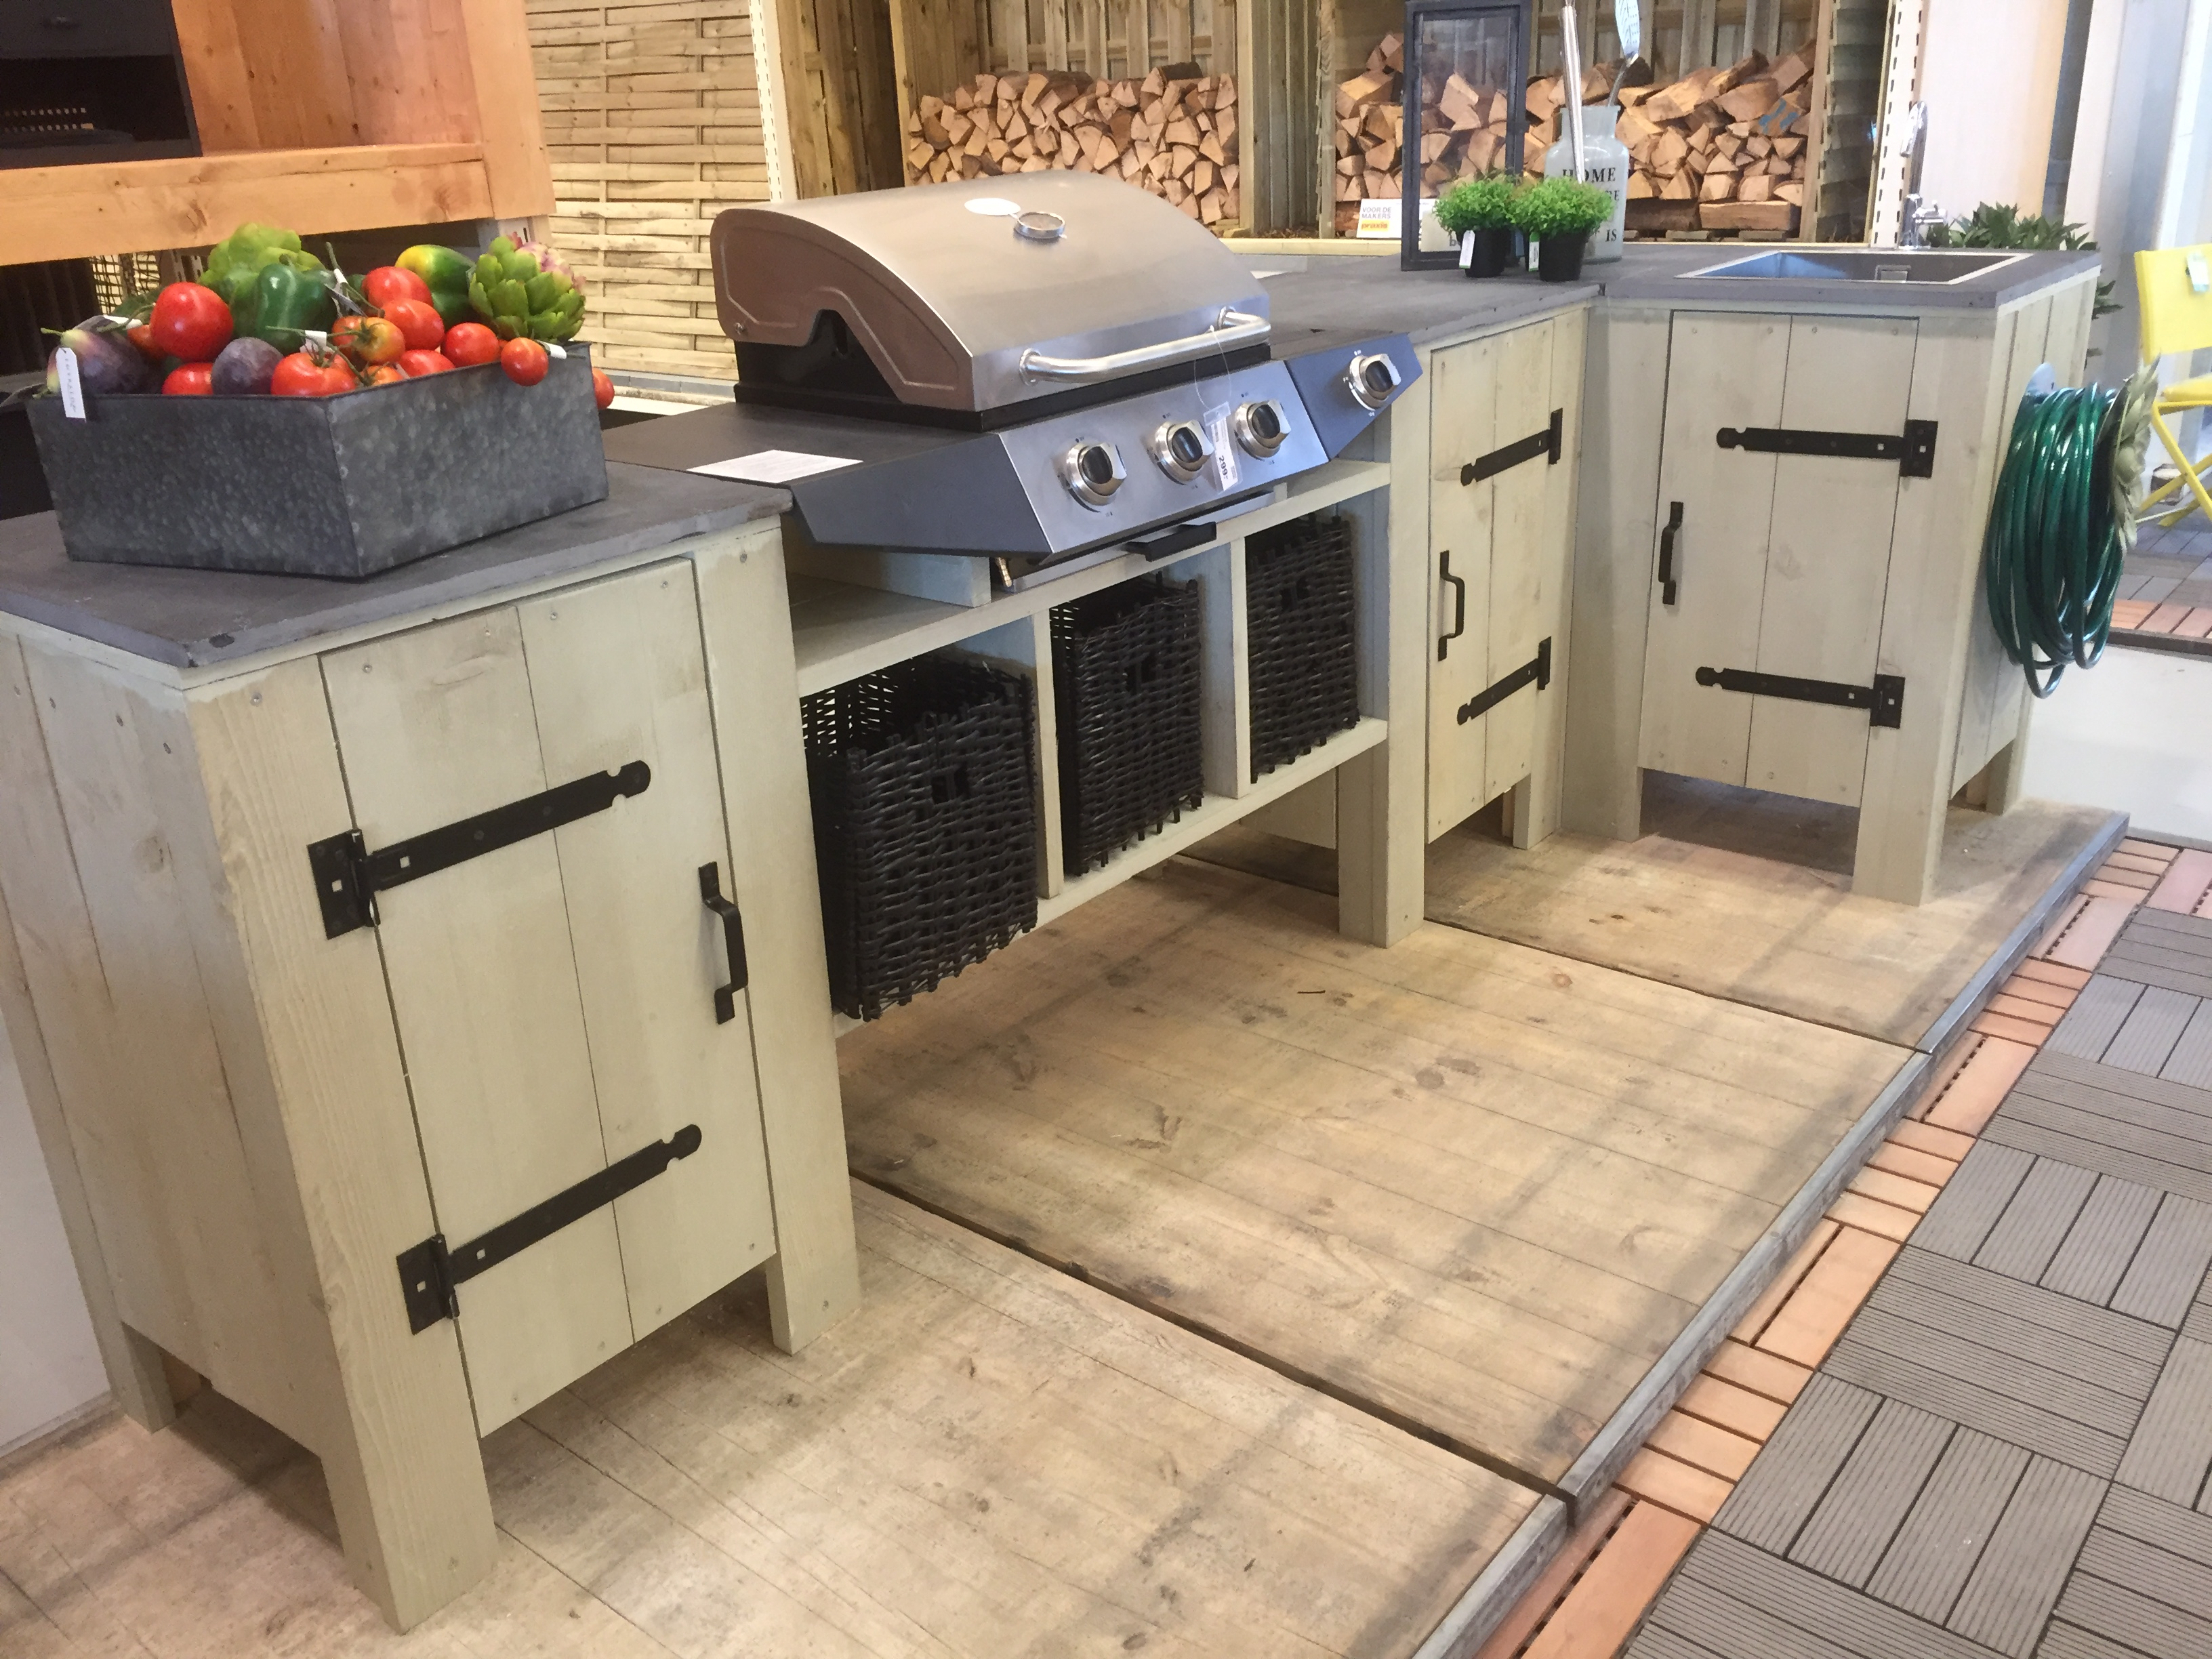 Buitenkeuken van steigerhout (barbecuemeubel)   voordemakers nl